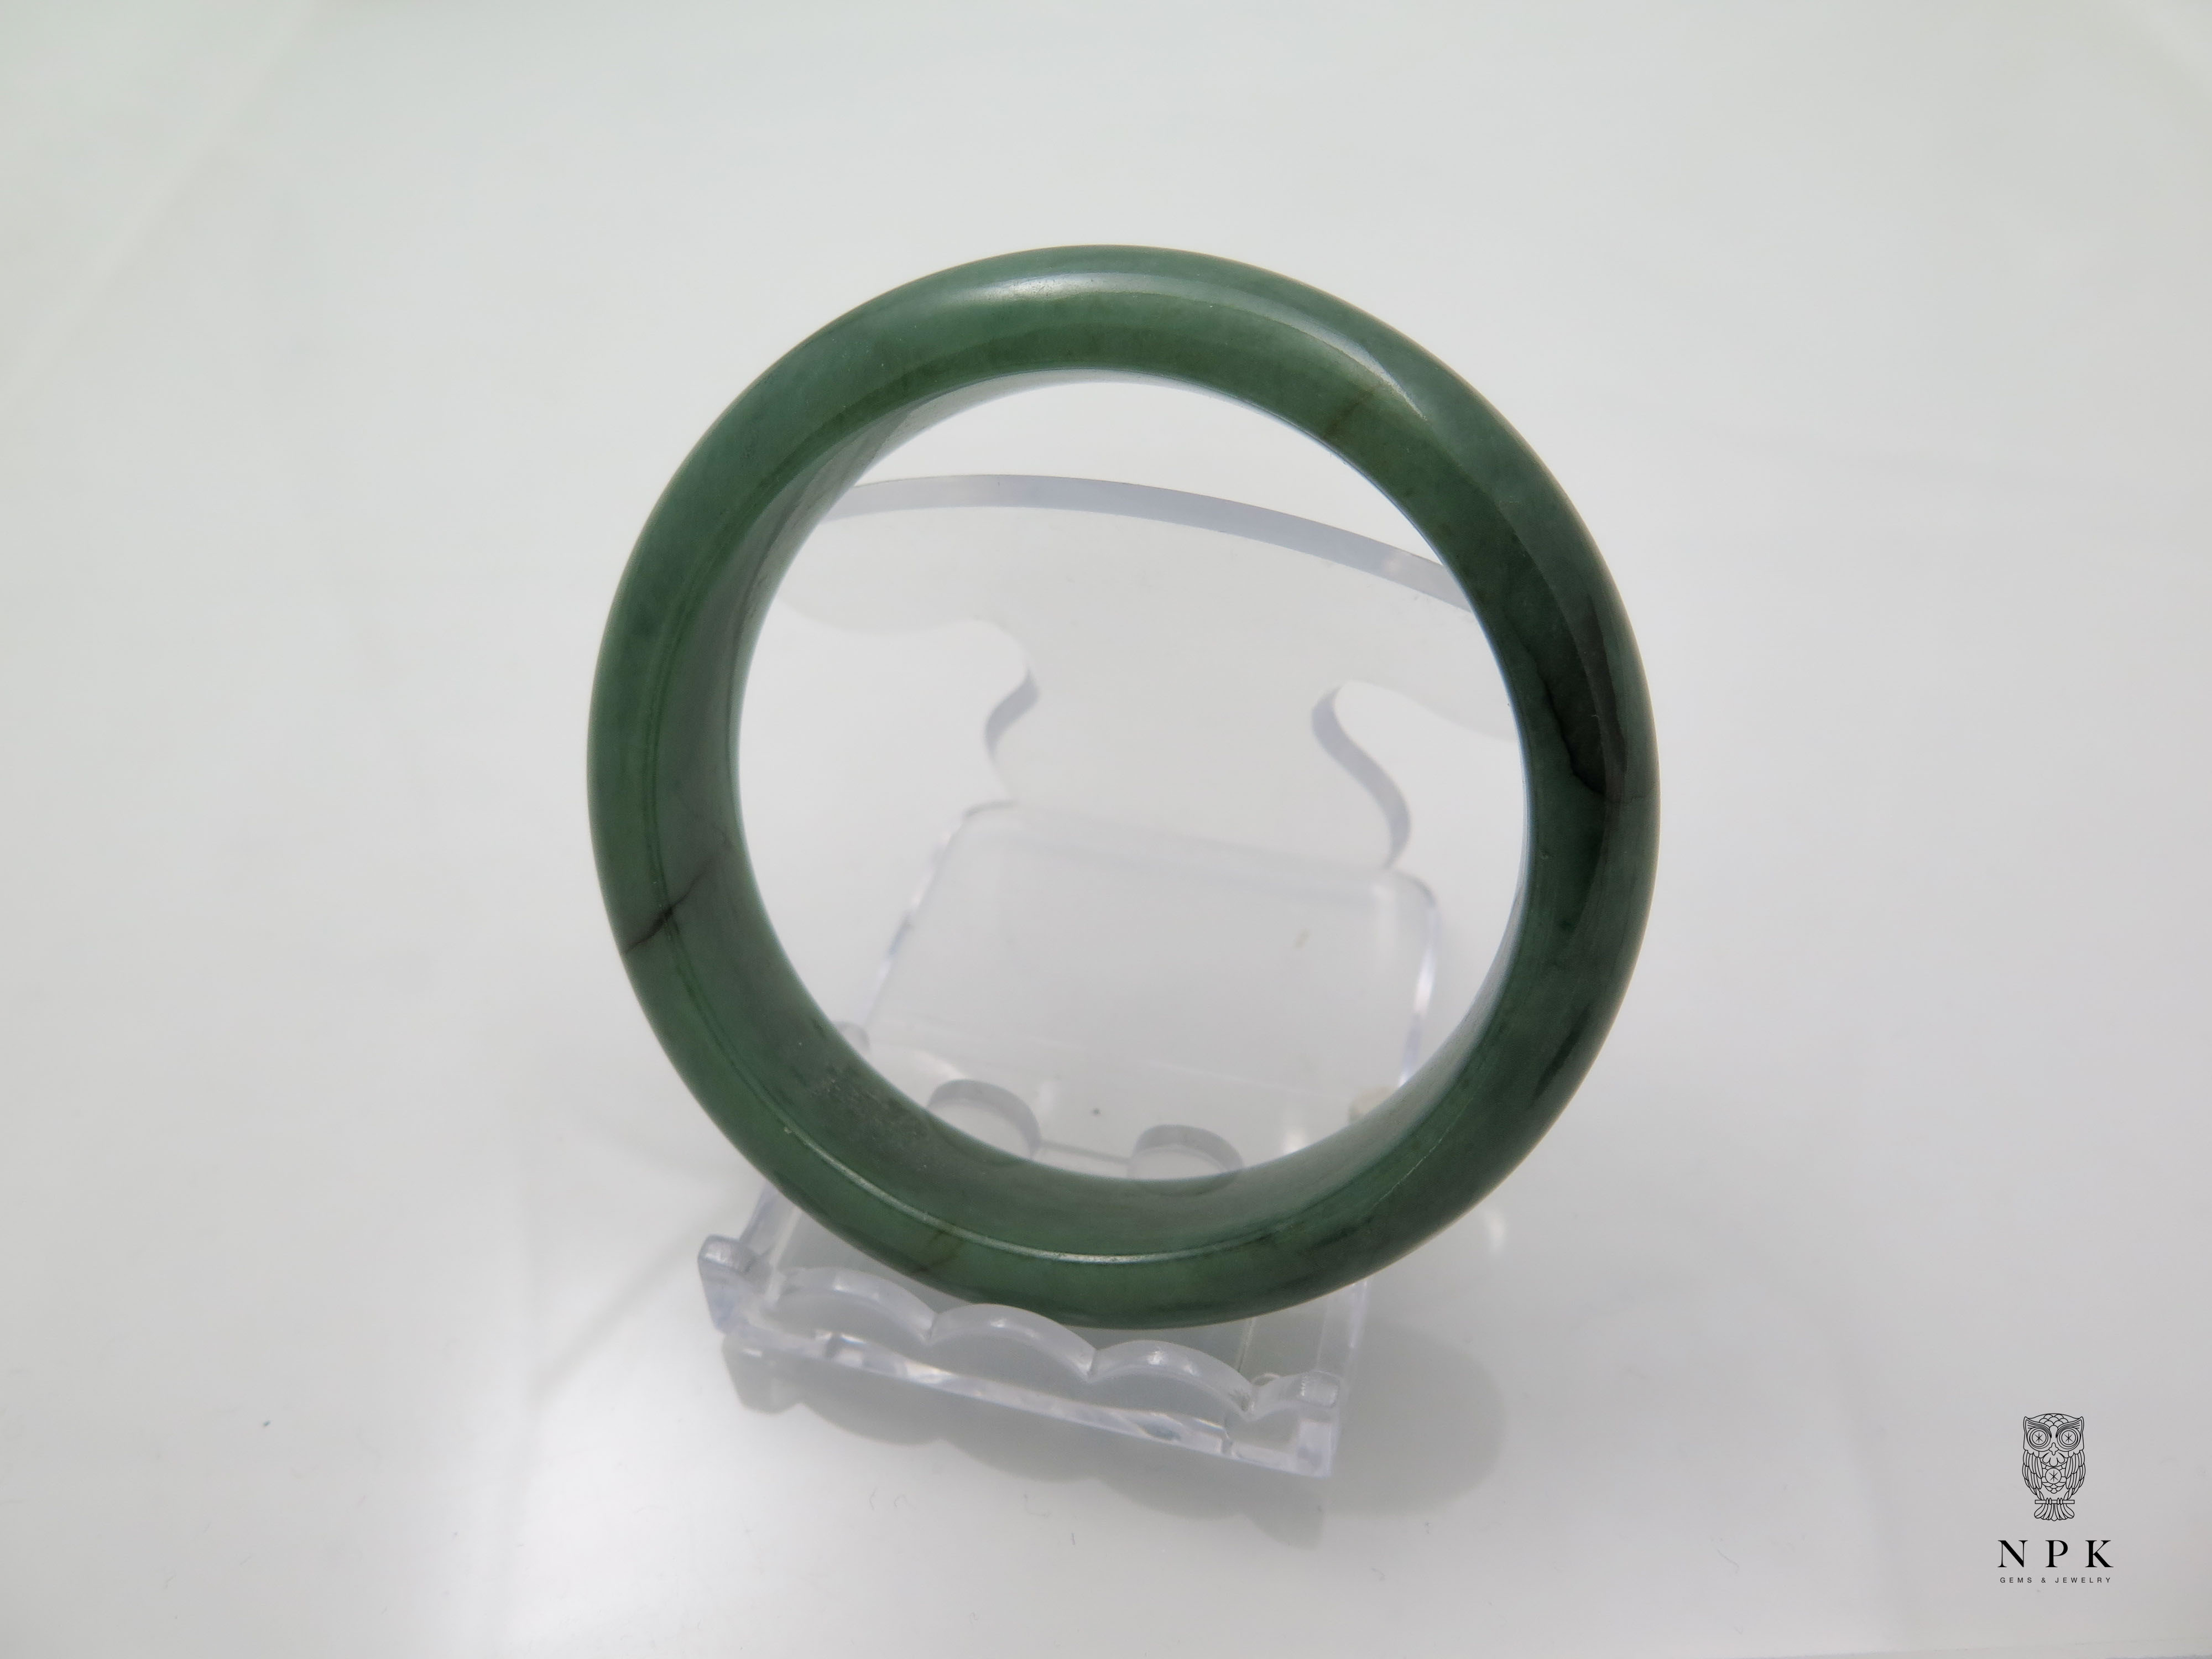 กำไลหยกเขียวใสเนื้อดี(Bangle jade)